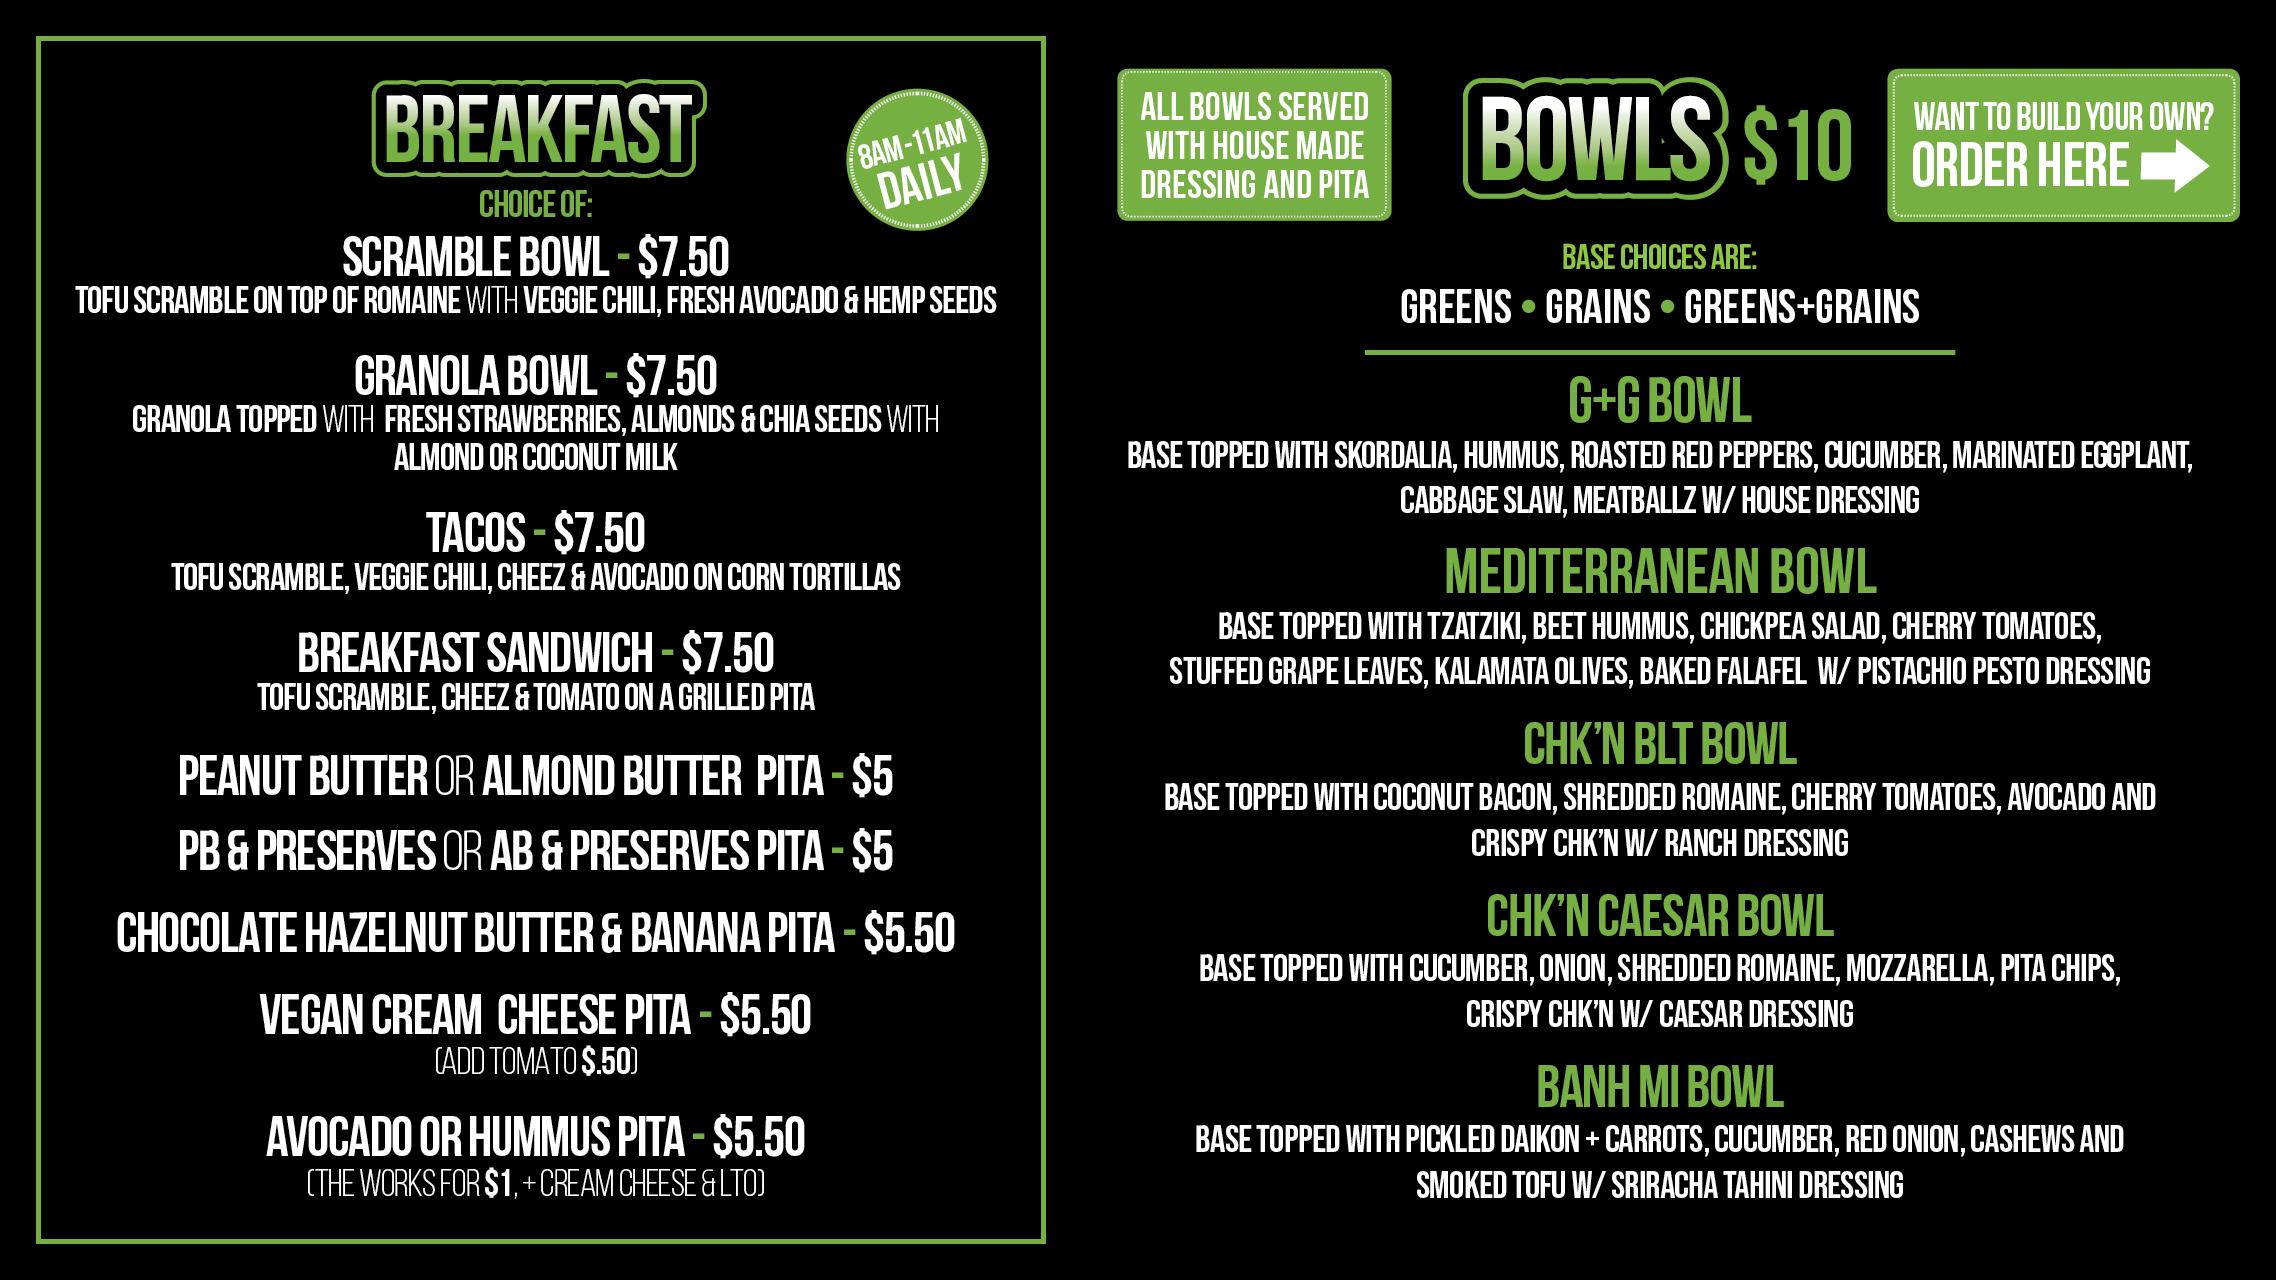 8755-GRE Philly Breakfast - Bowls TV Menu FALL19.jpg